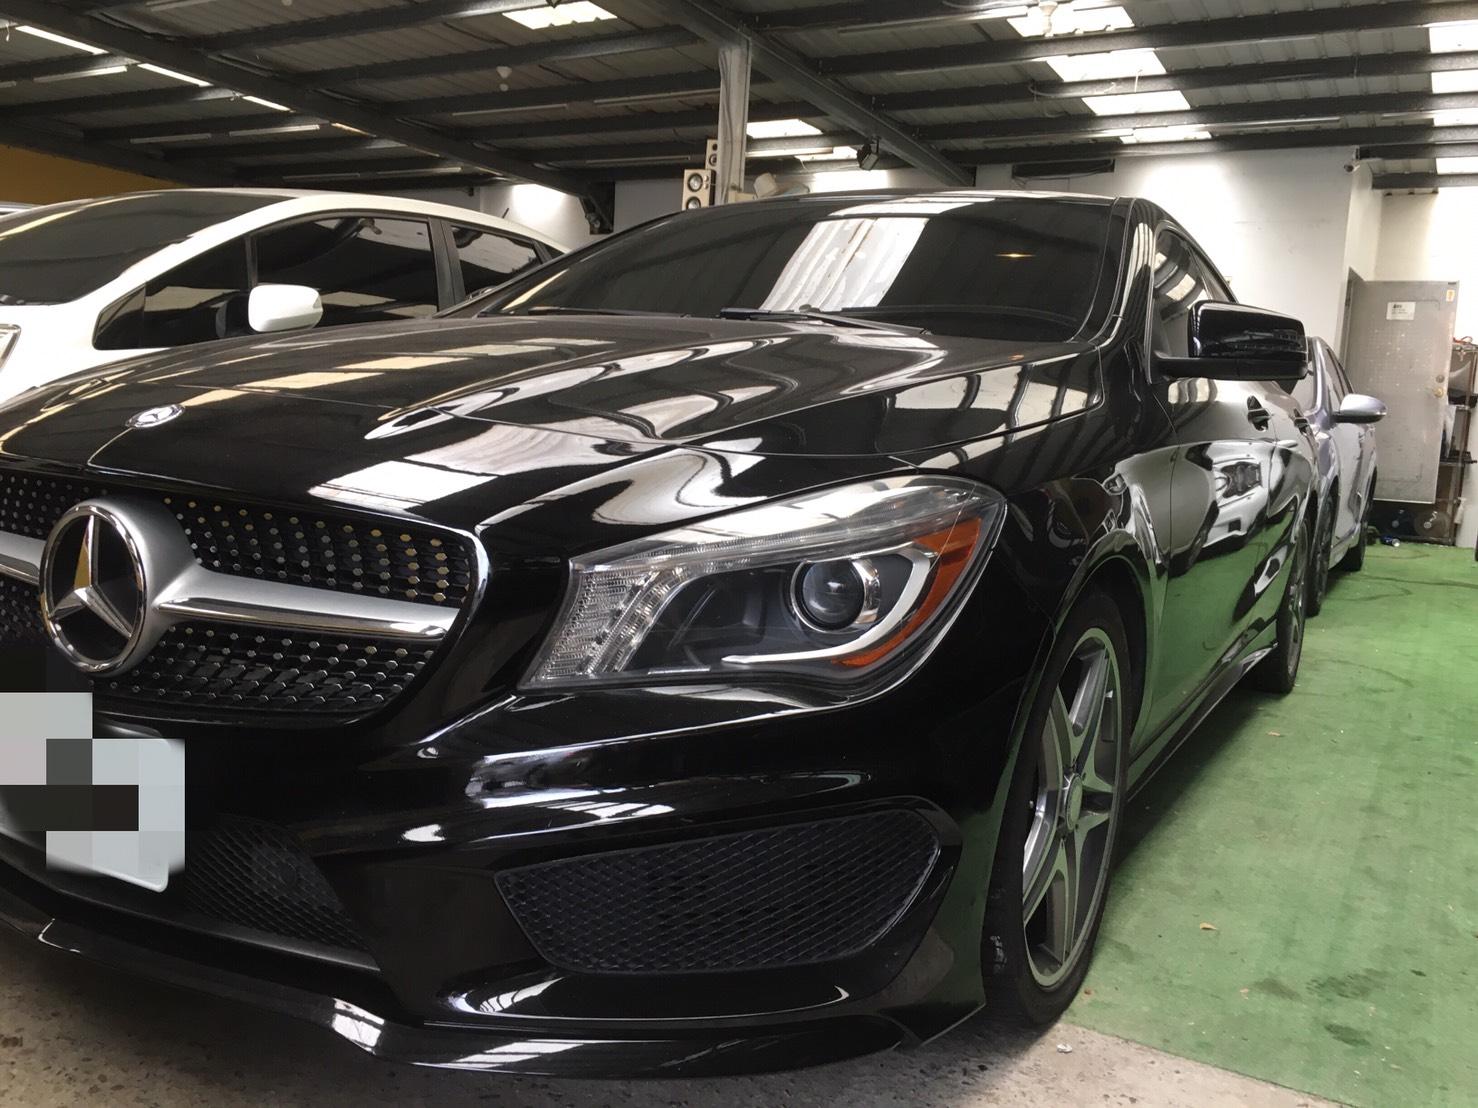 2014 M-Benz 賓士 Cla-class